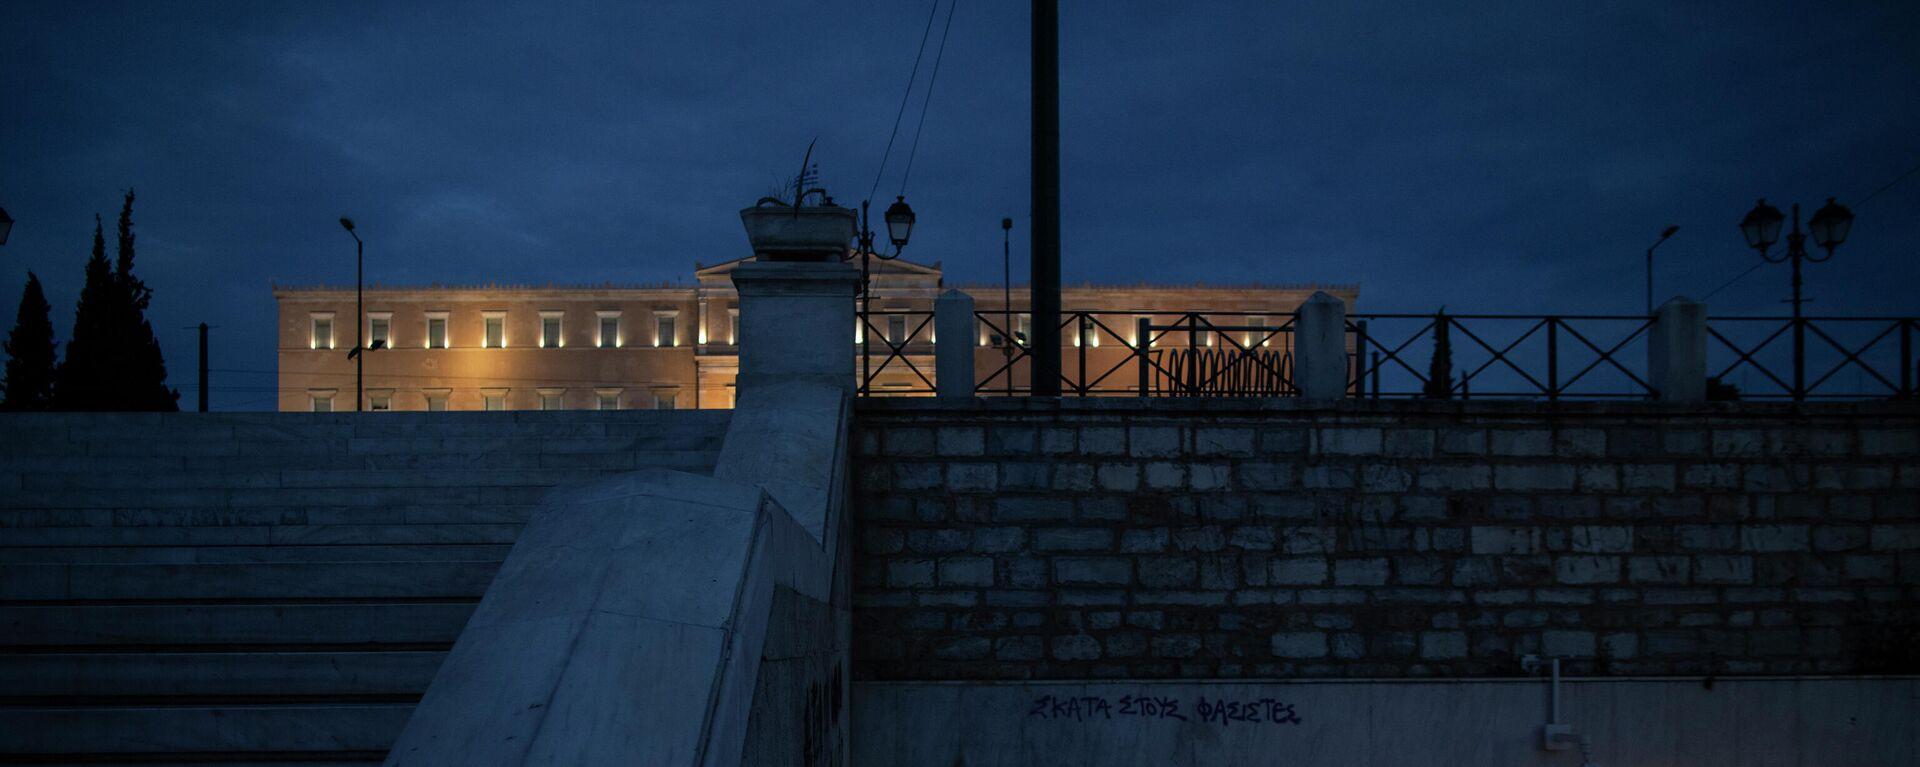 Μετρό στο Σύνταγμα - Sputnik Ελλάδα, 1920, 16.09.2021